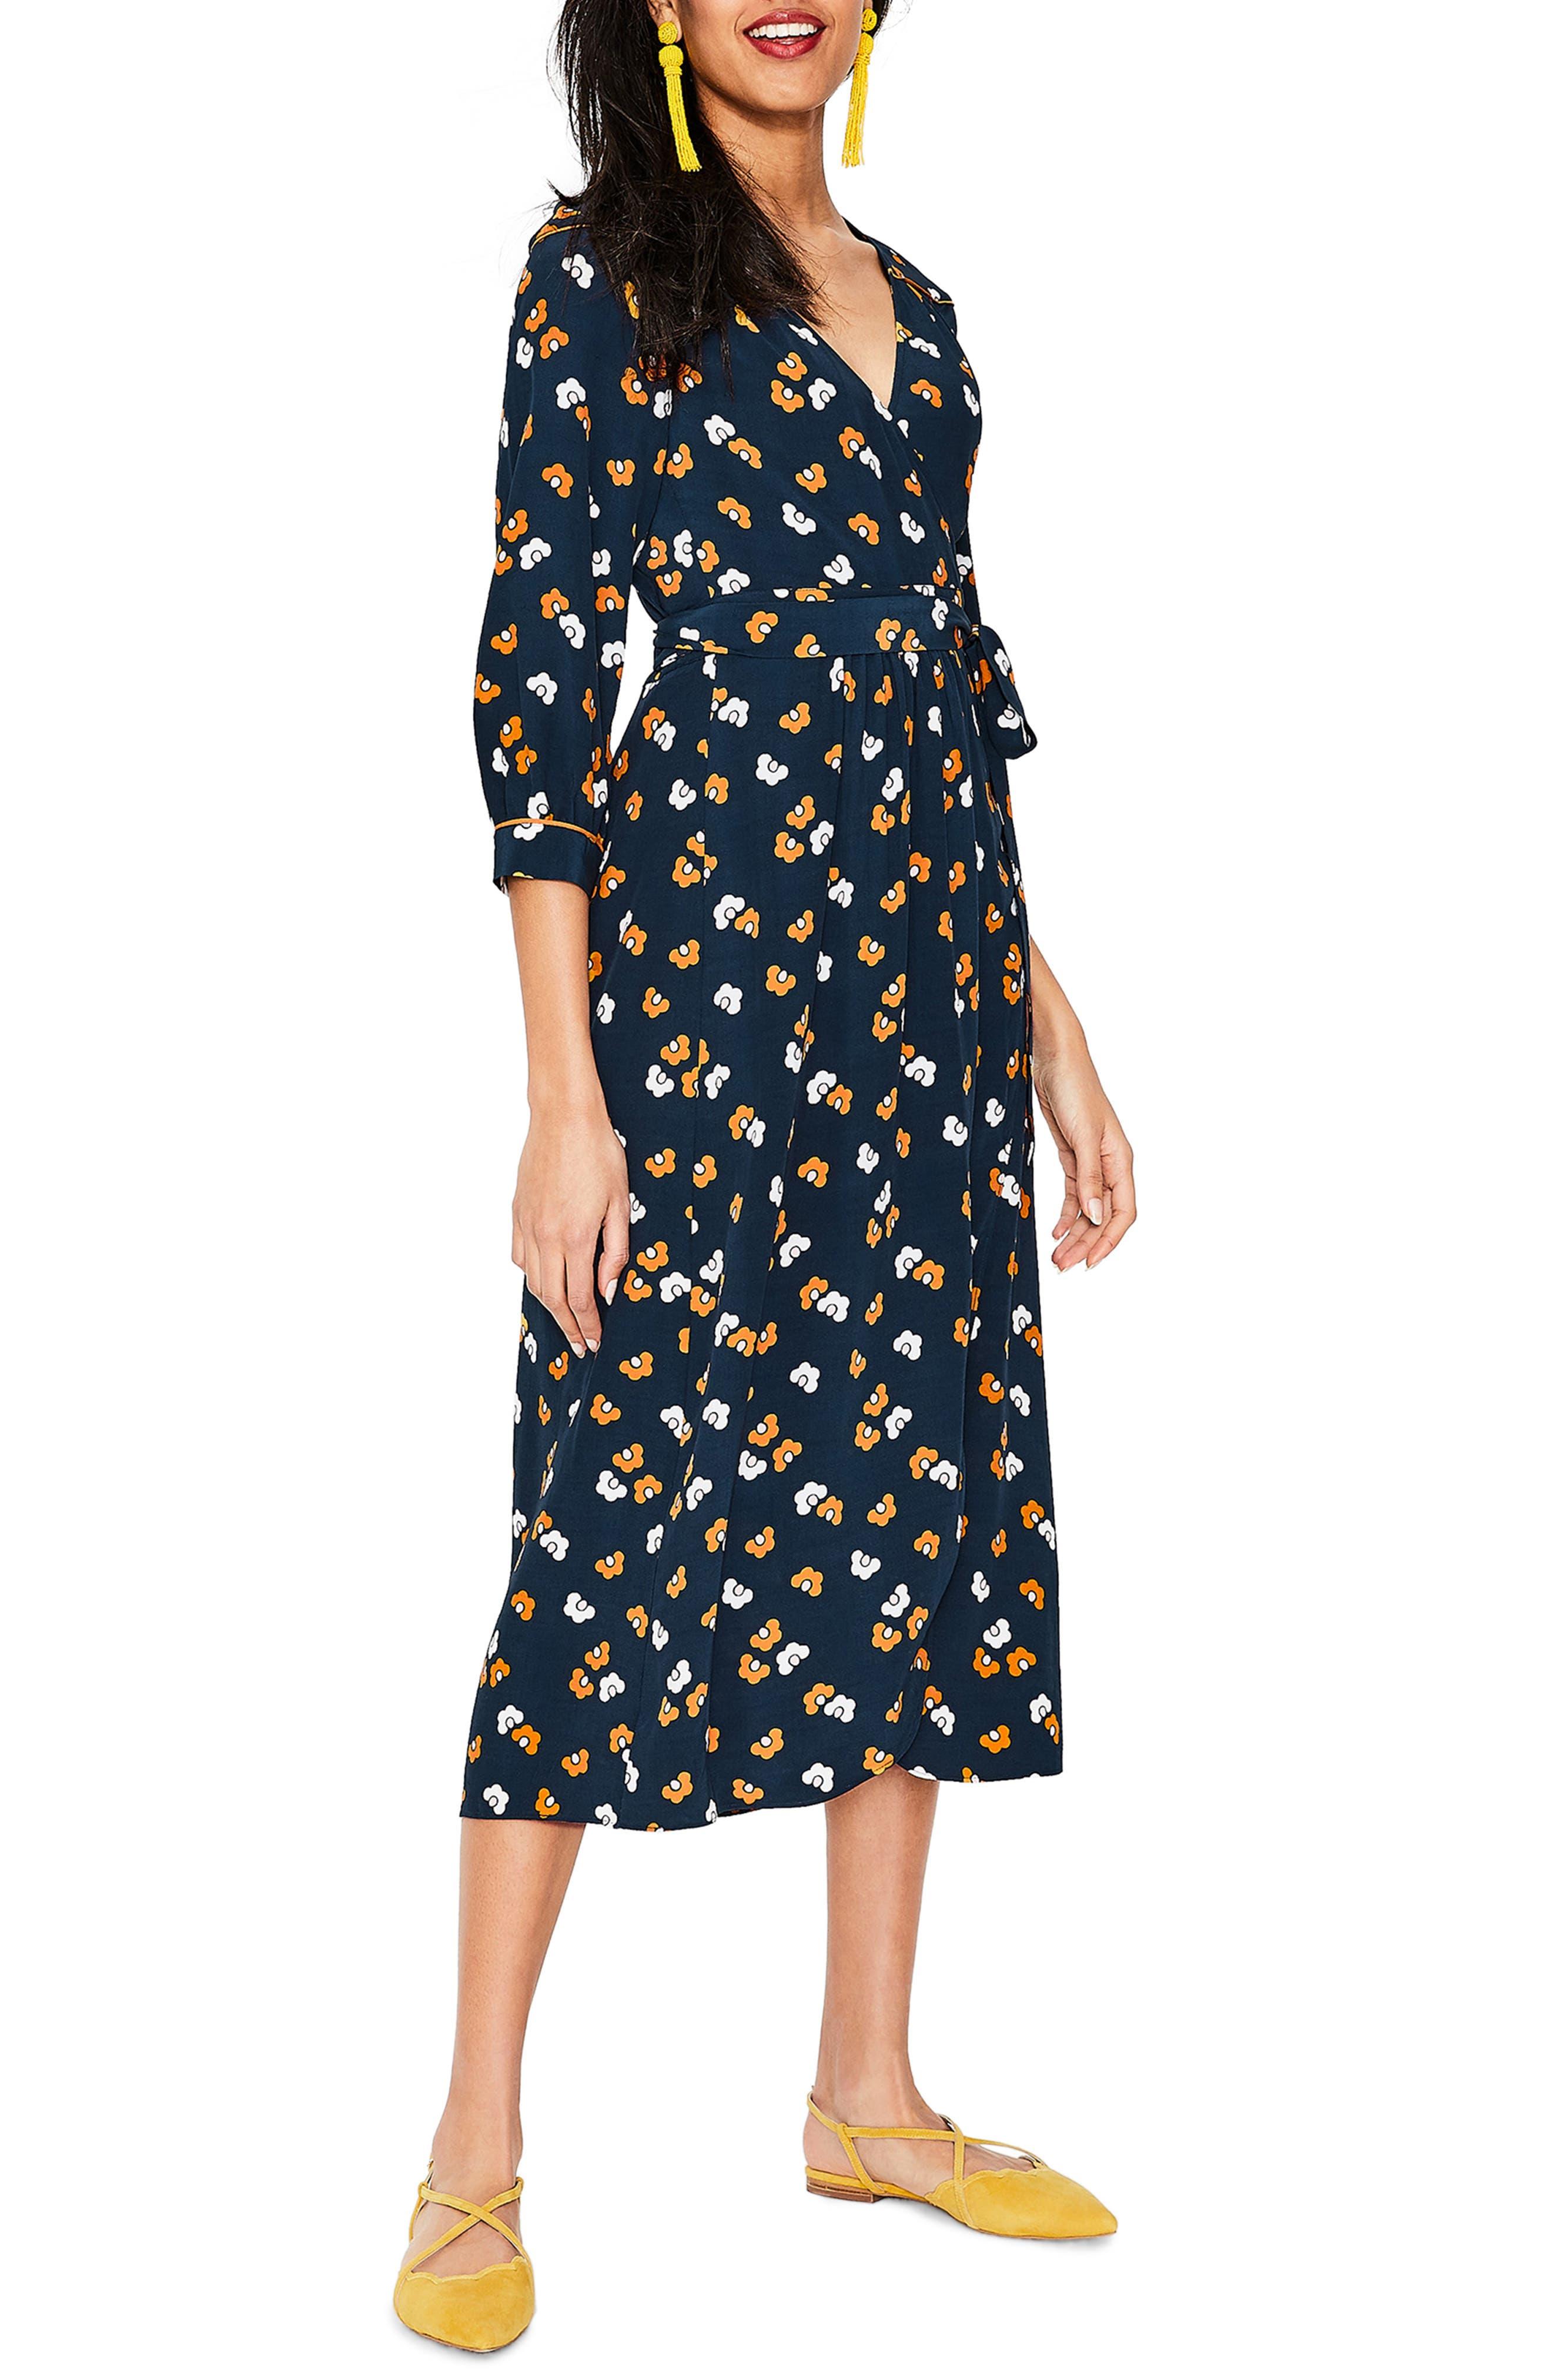 Petite Boden Floris Mod Floral Print Wrap Dress, Blue